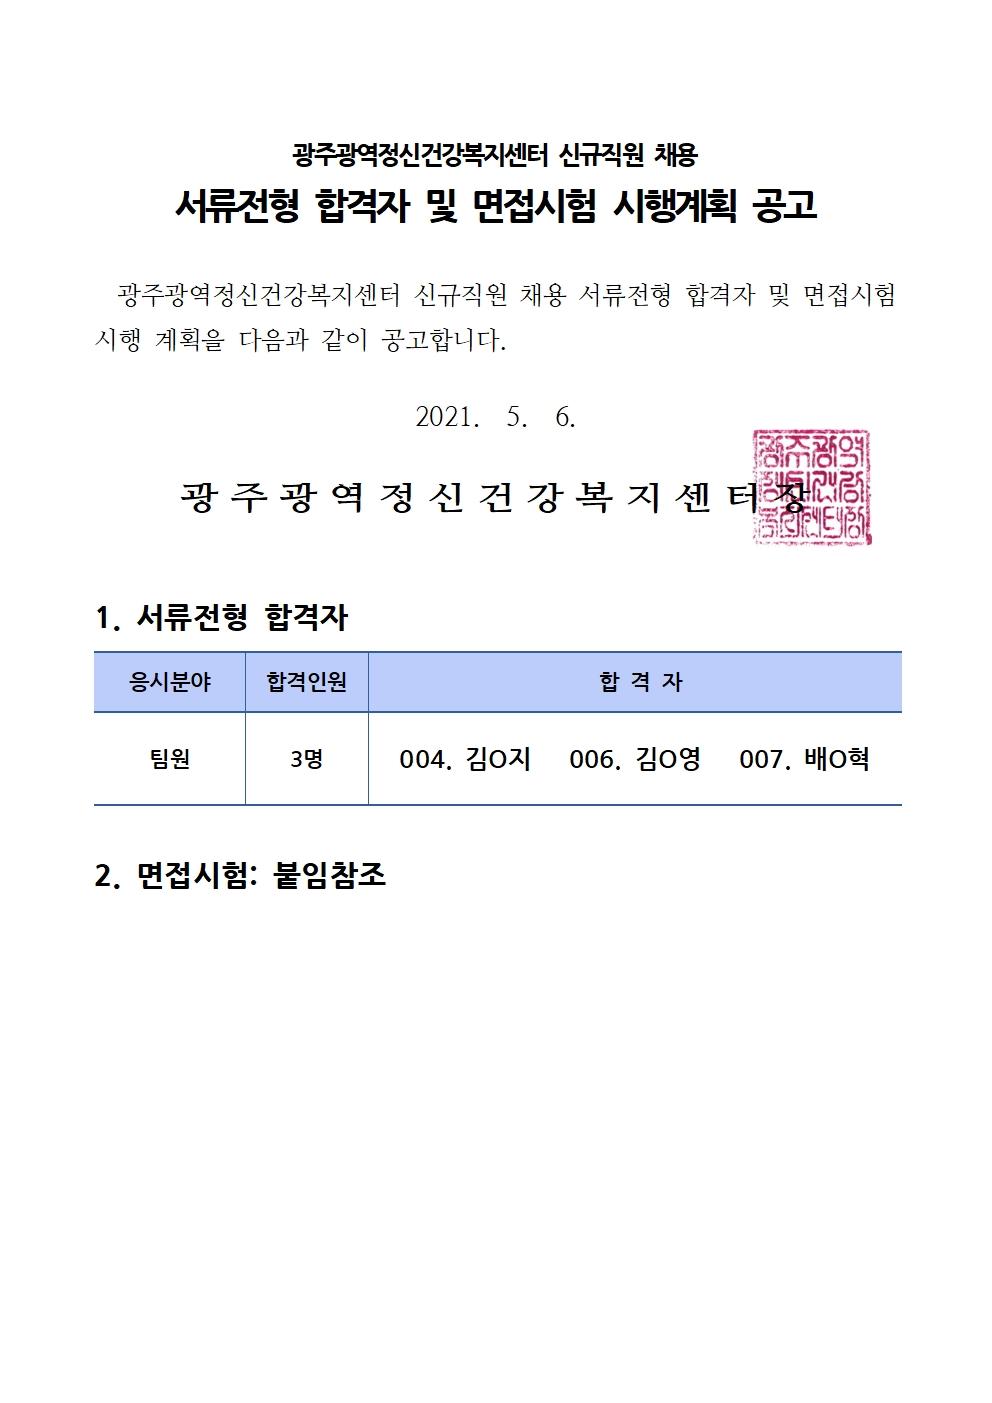 서류전형 합격자 및 면접시험 시행계획 공고.jpg